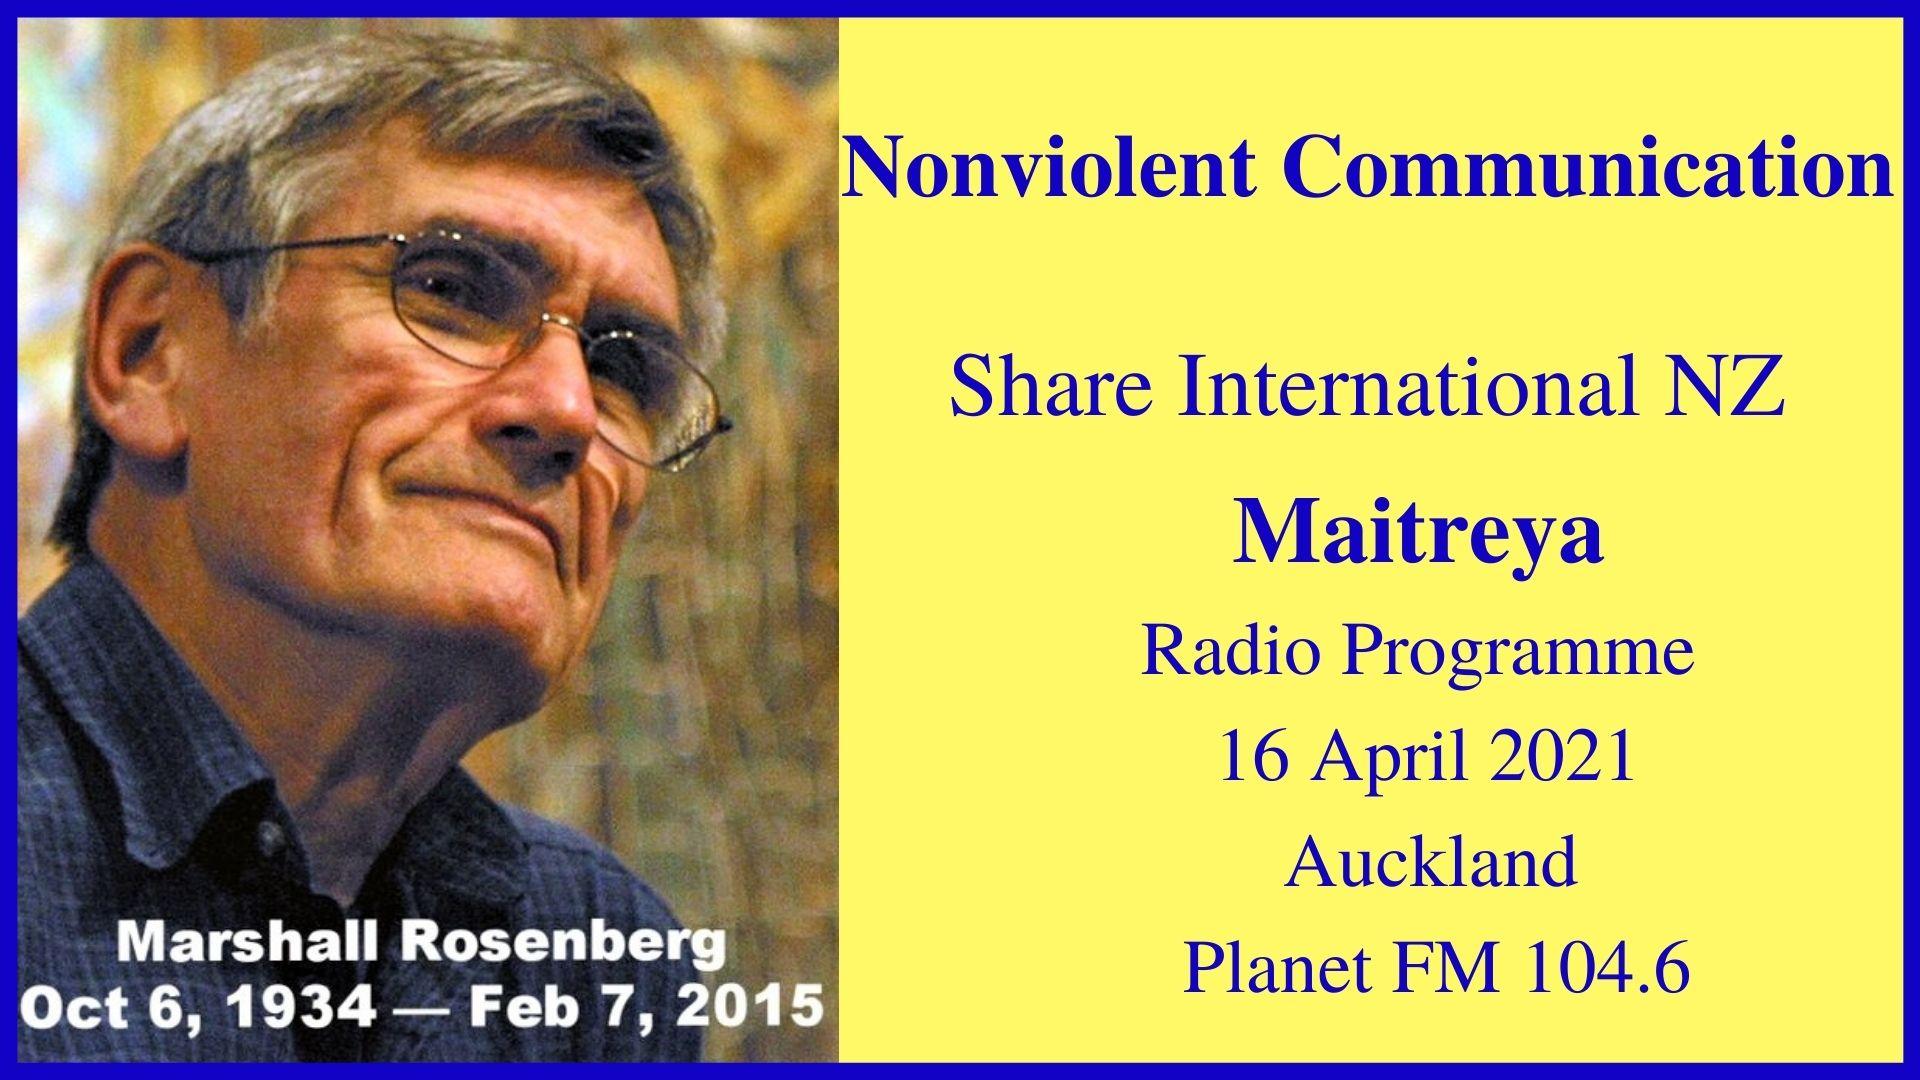 1) Nonviolent Communication 16 April 2021 #2